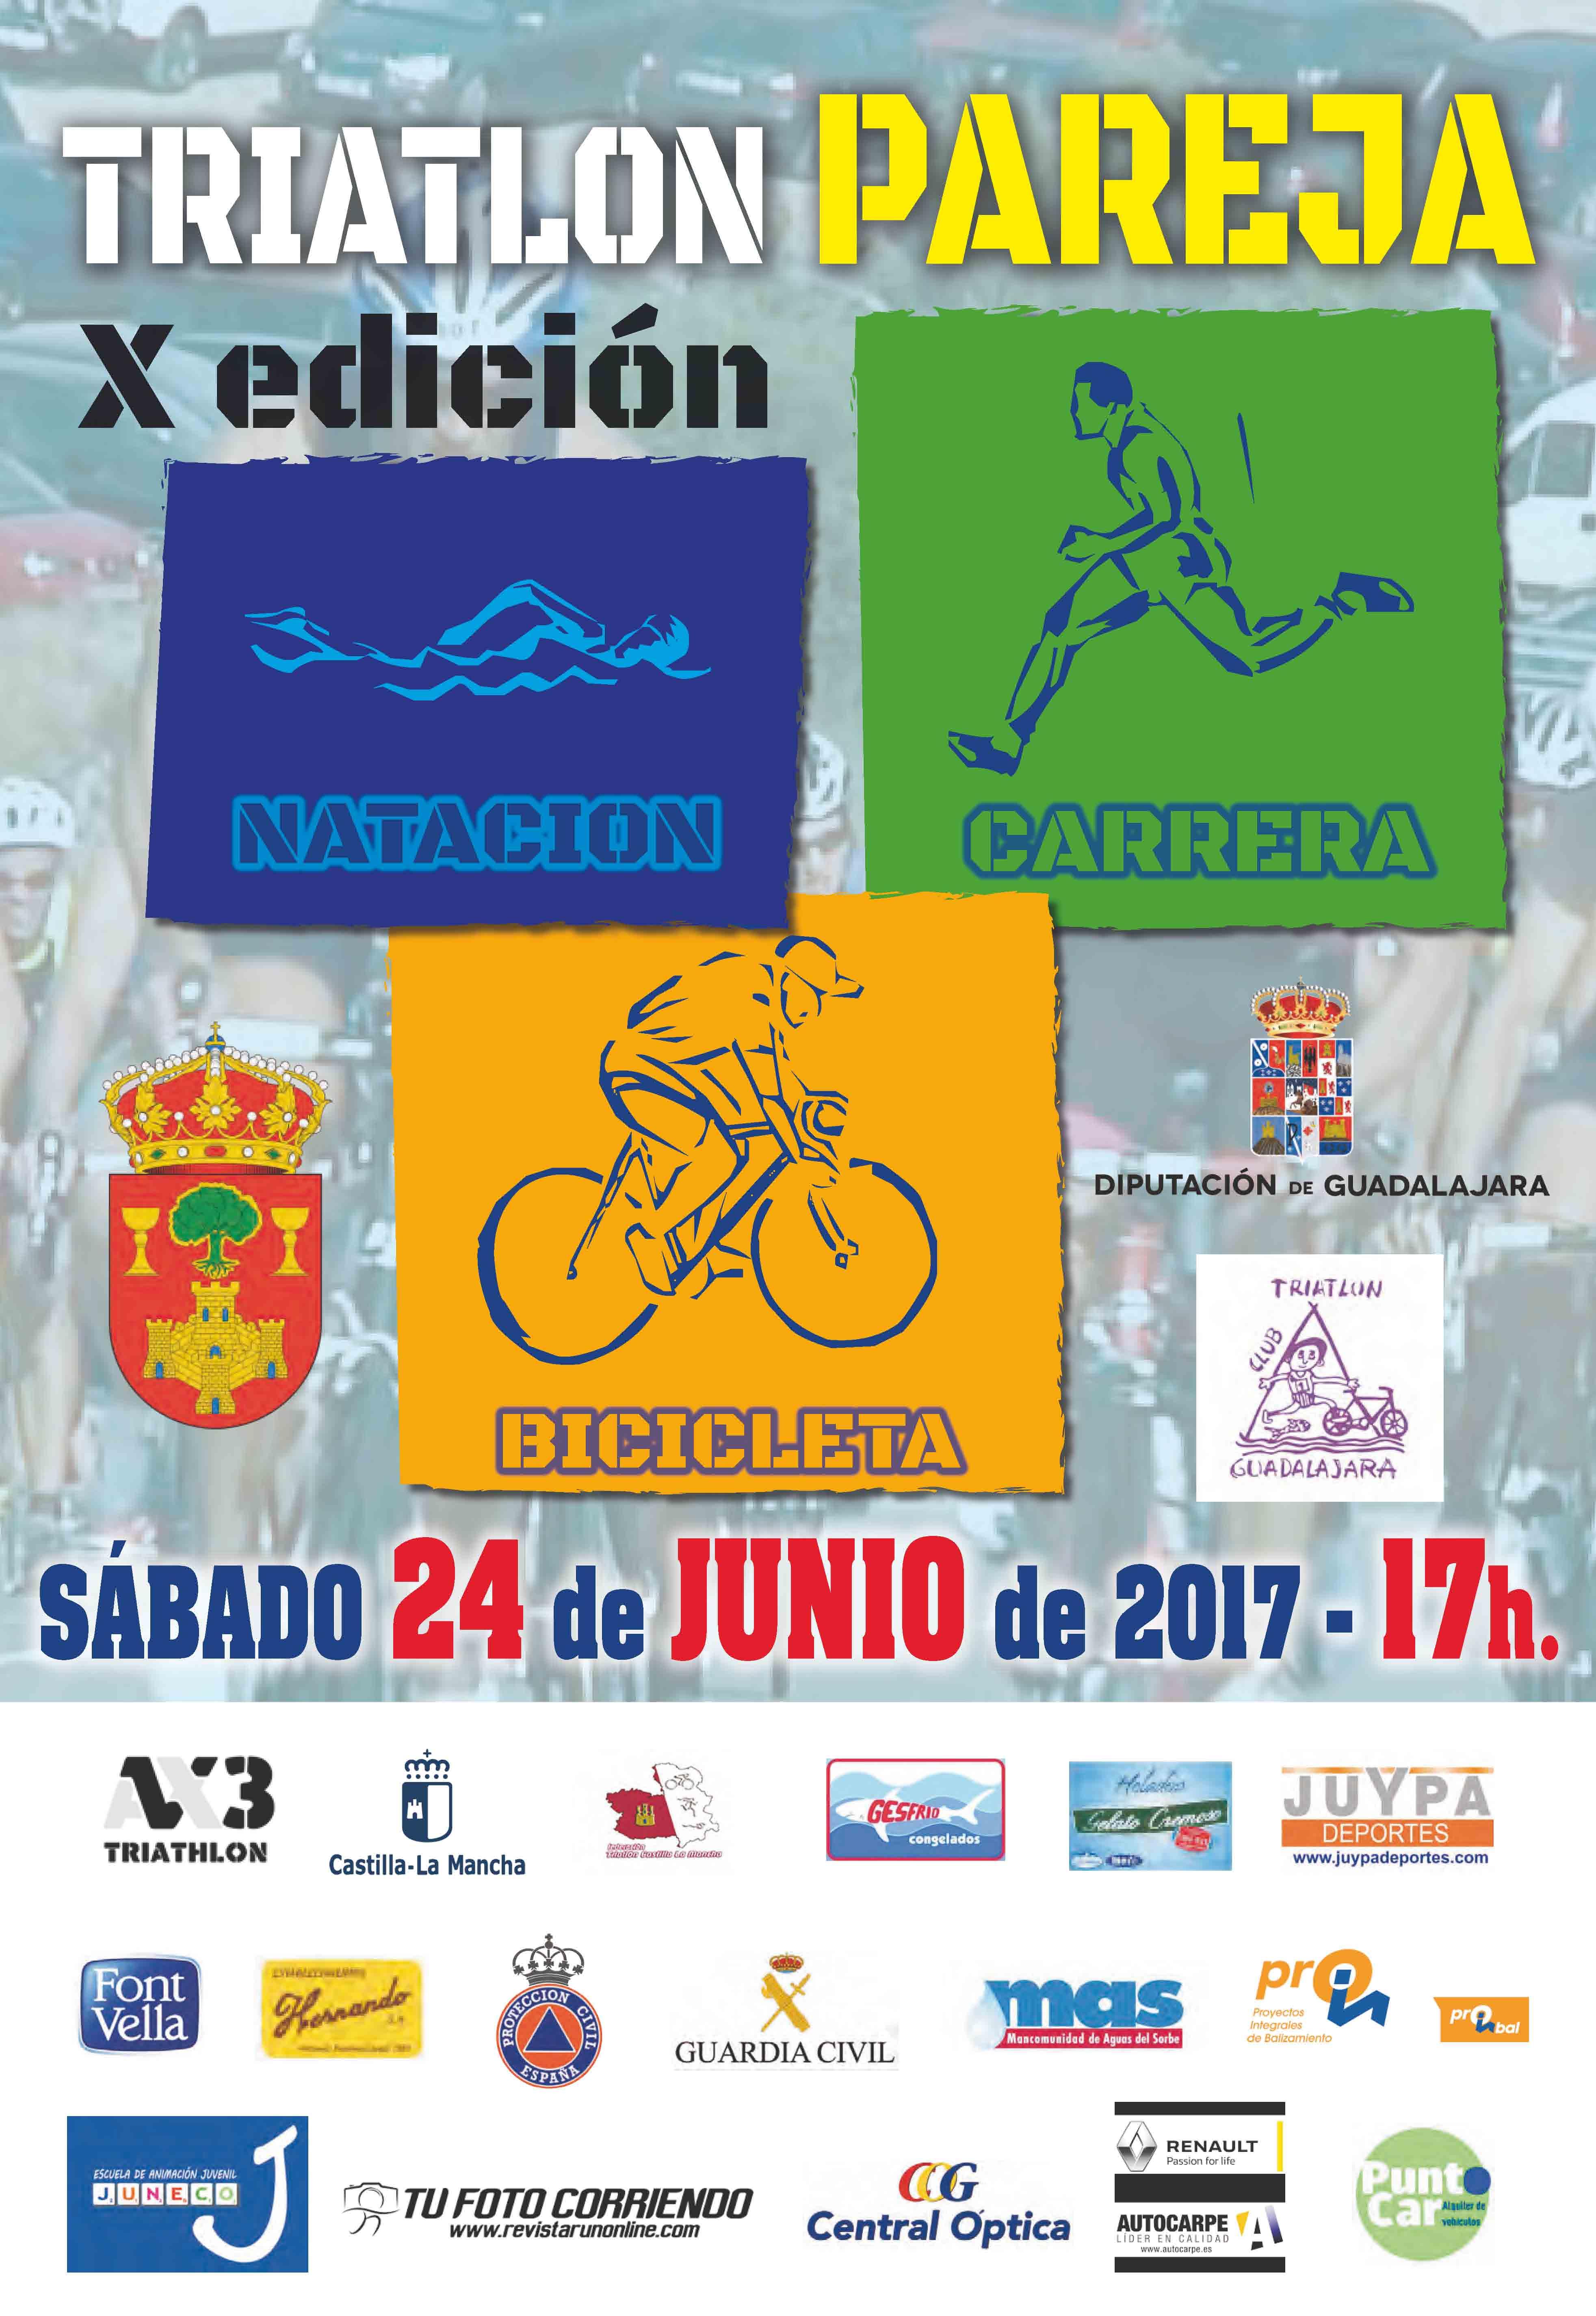 X Edición del triatlón de Pareja